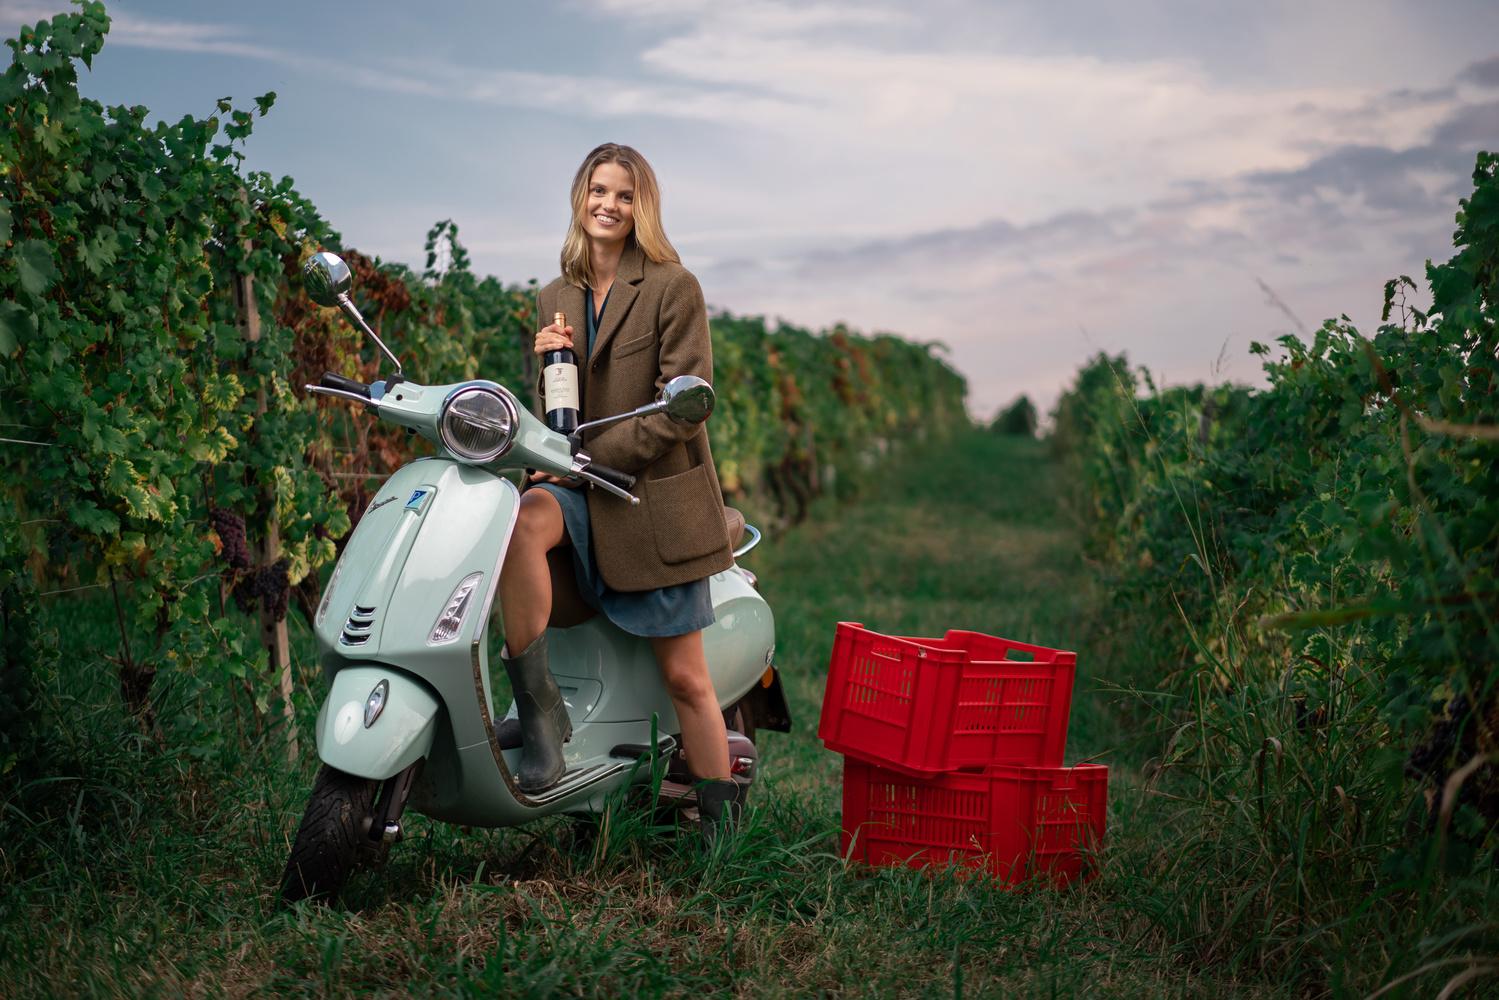 Winemaker by Ilya Nodia